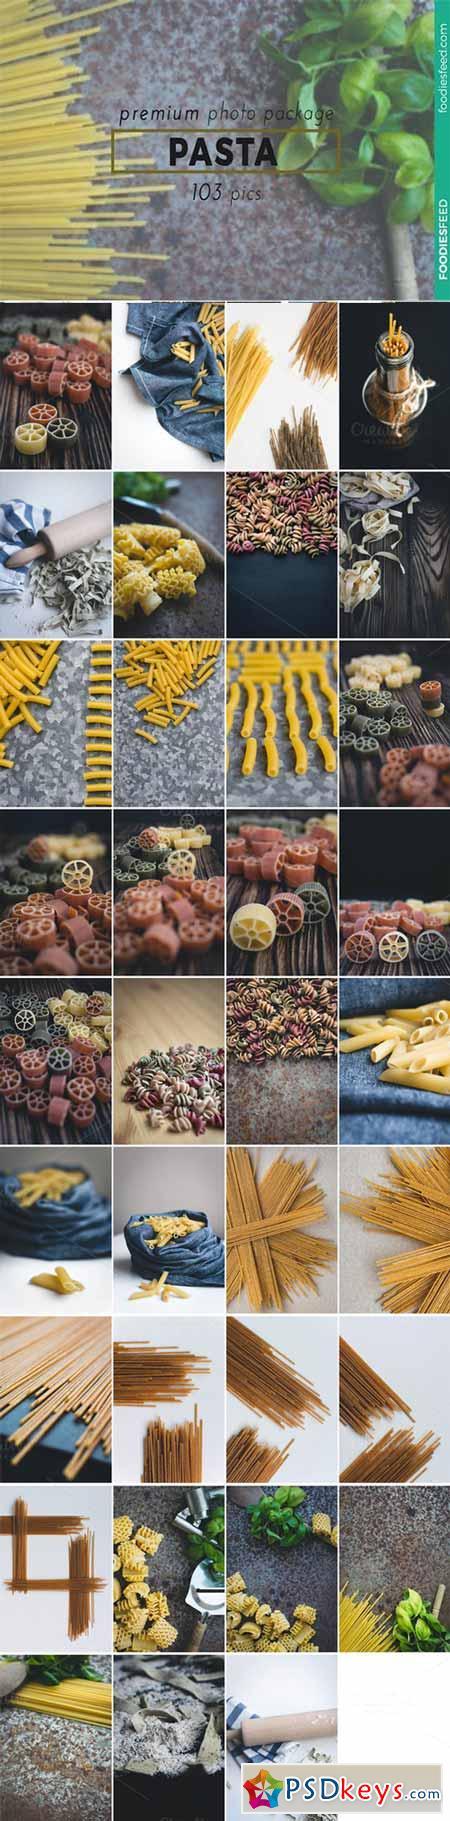 PASTA - 103 Premium Photos 96494